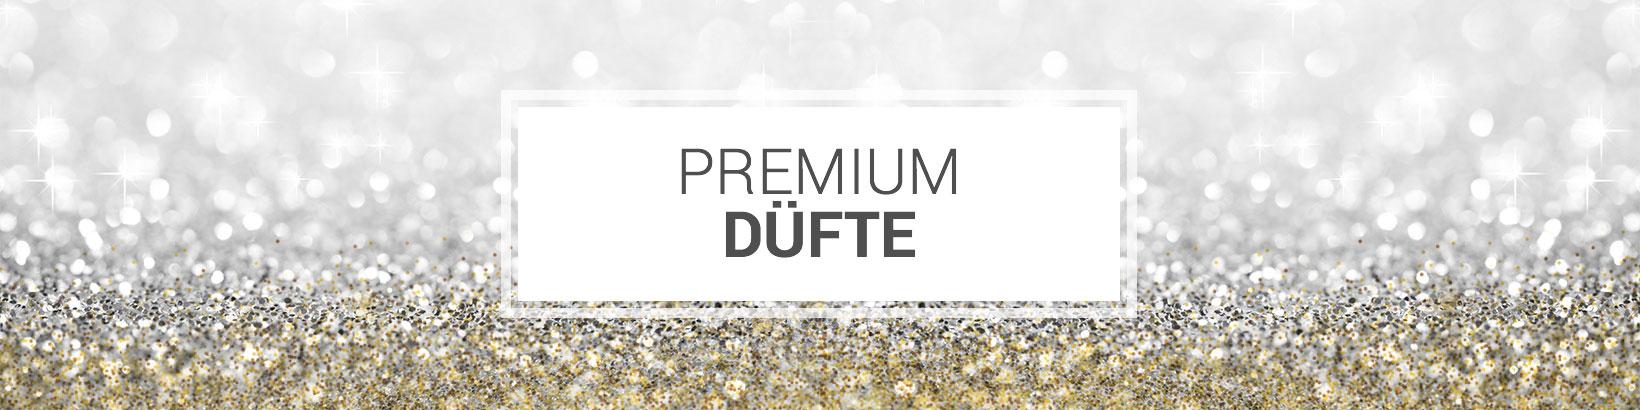 premium-duefte-header